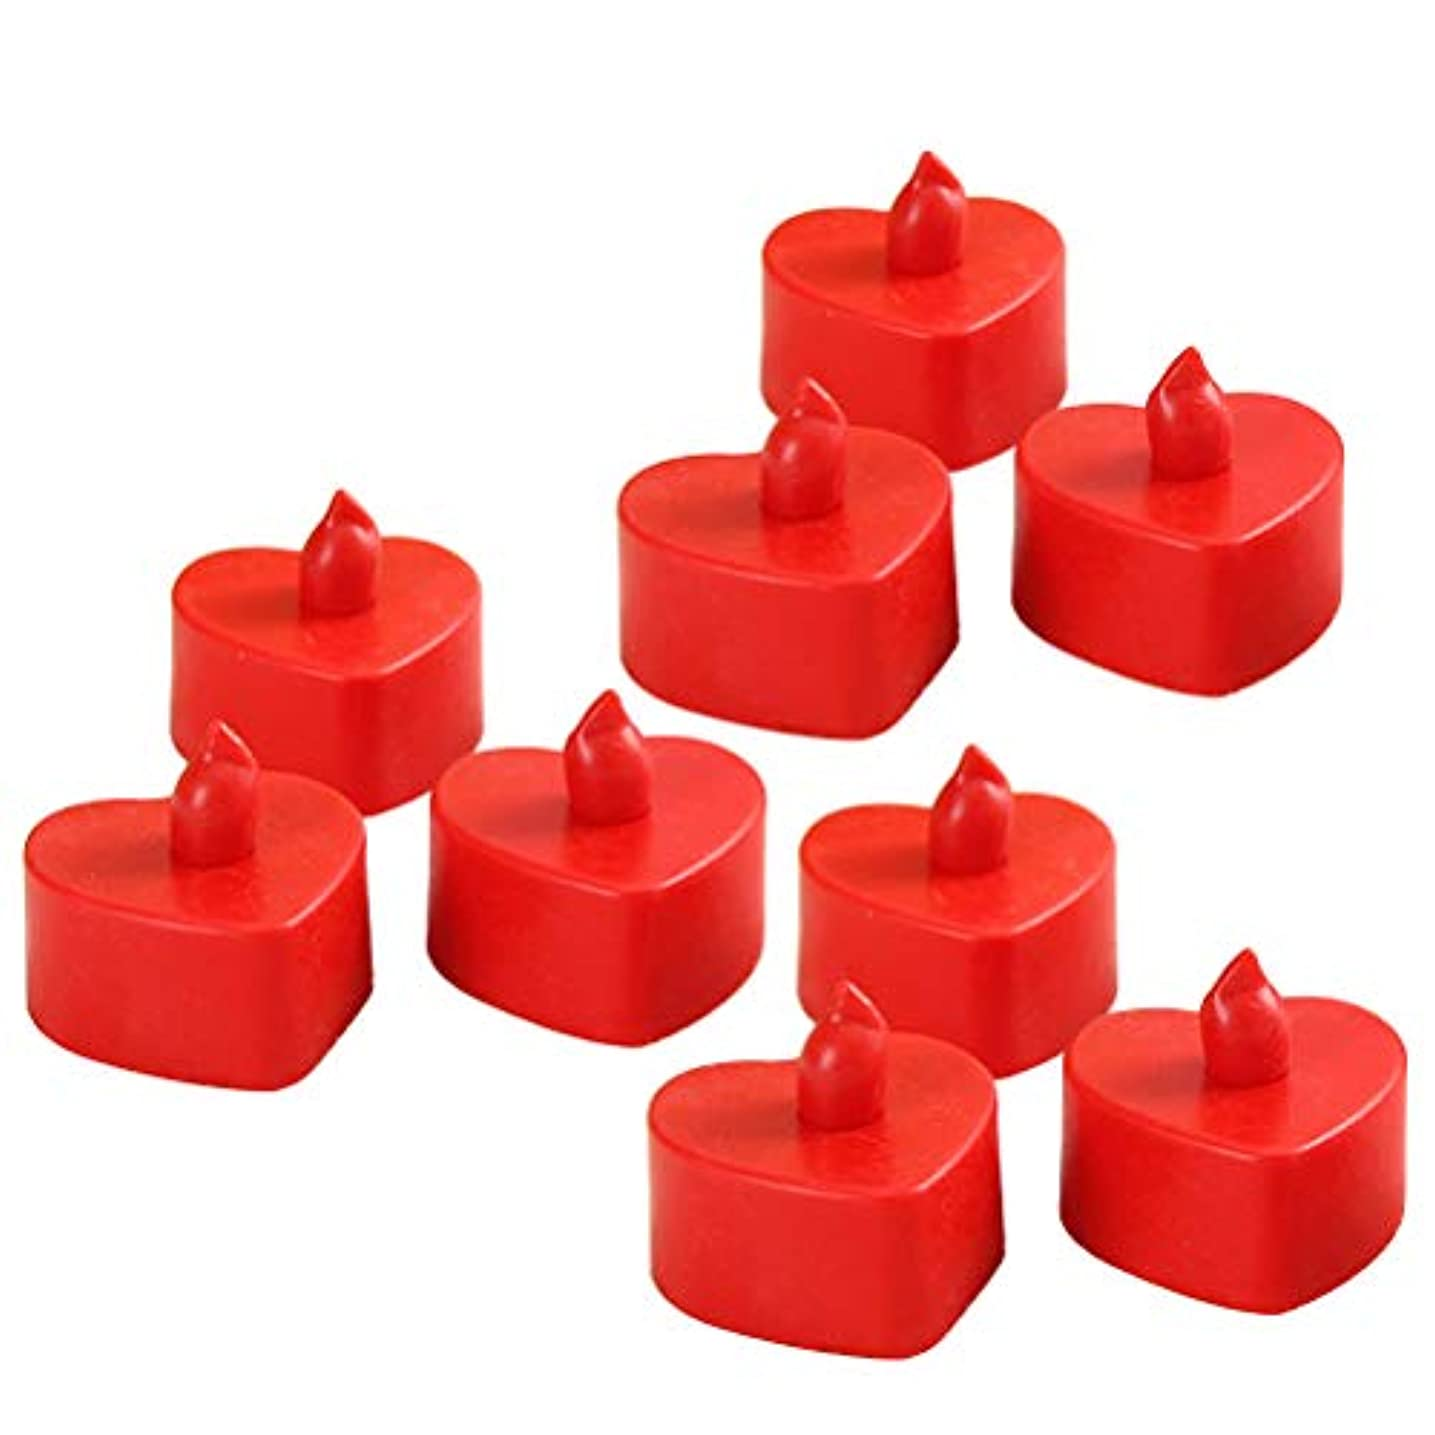 イーウェルトロリーバスコンテンポラリーBESTOYARD 10個のLed茶色のライトは、電池で作動するFlameless Tealightキャンドル暖かい黄色のライトライトハートシェイプクリスマスのウェディングパーティの装飾(赤いシェル、赤い光)